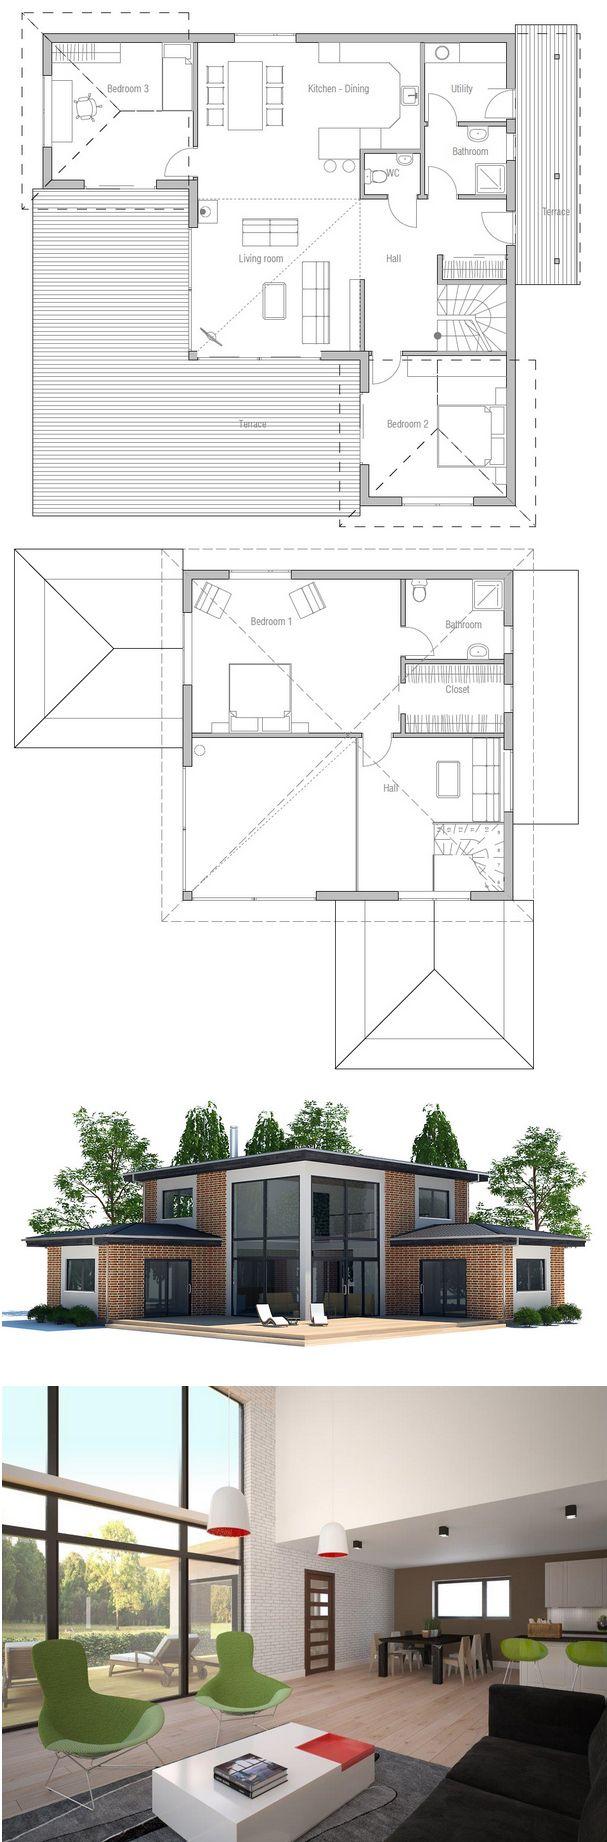 grundriss sch n pinterest haus grundriss und sims haus. Black Bedroom Furniture Sets. Home Design Ideas